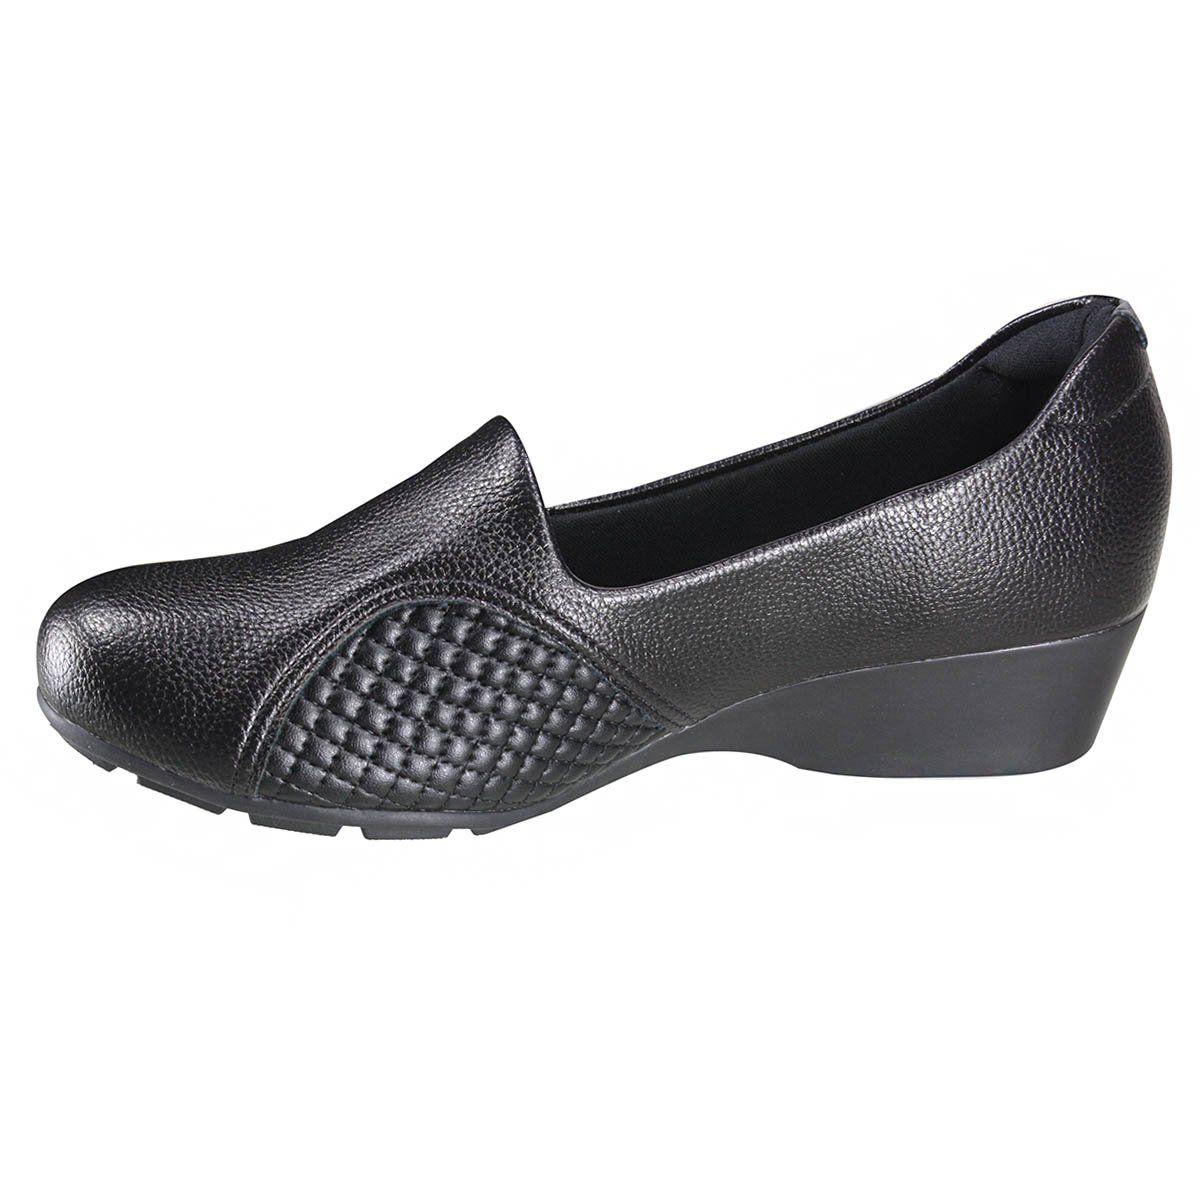 Sapato Anabela Modare 7014.229 - Preto